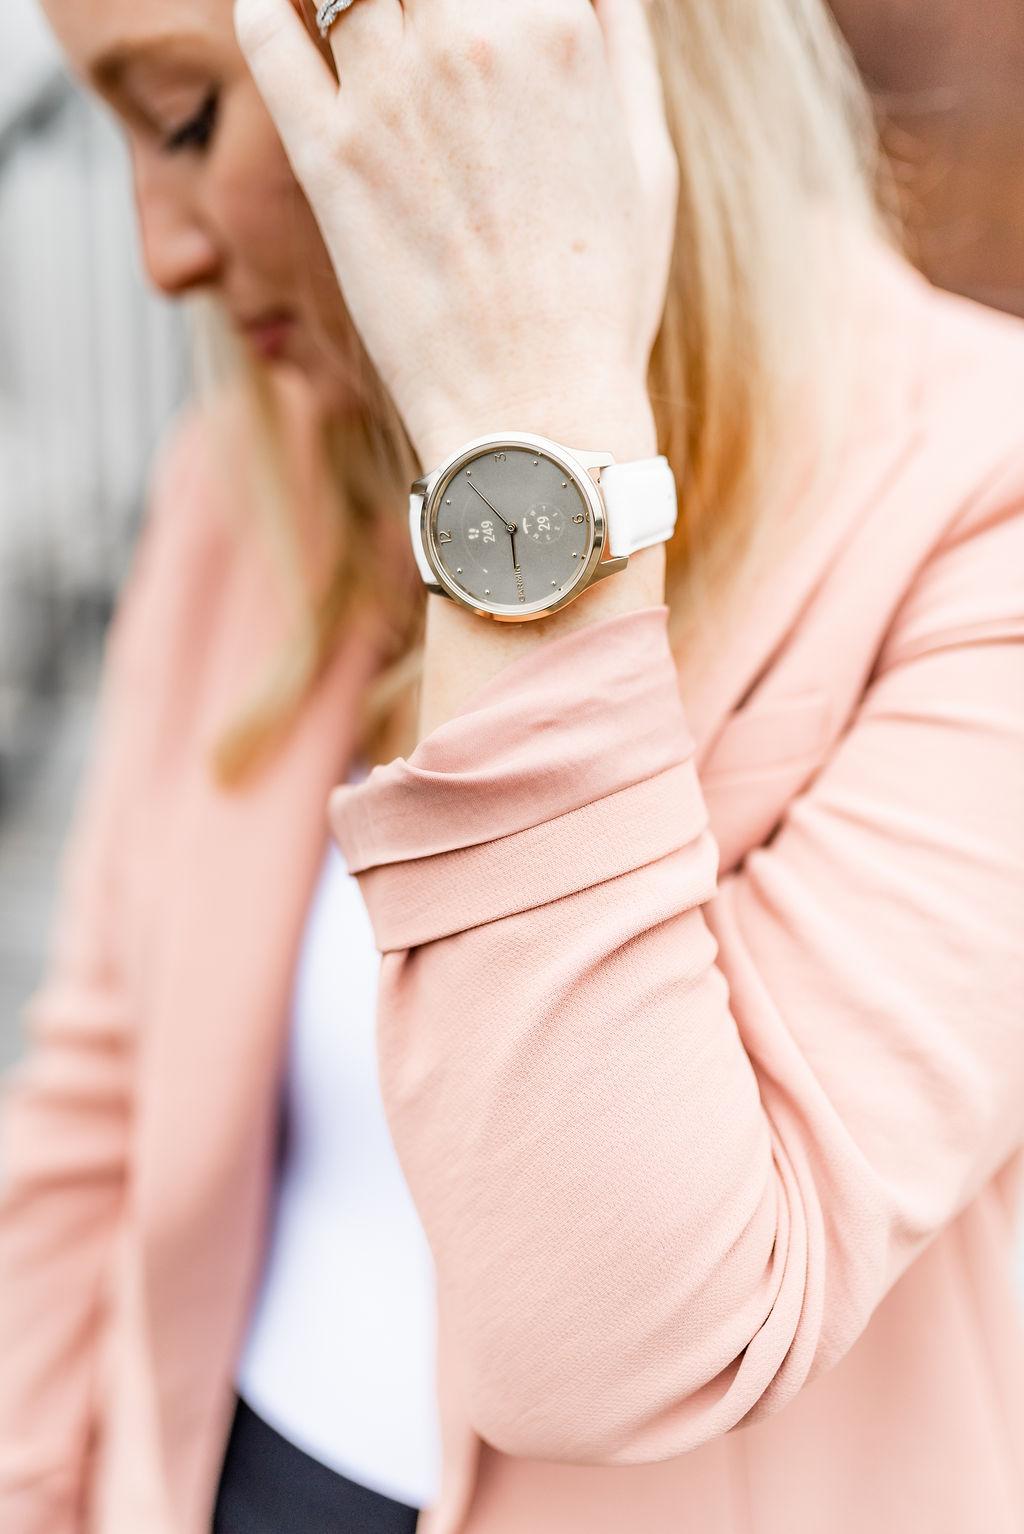 Garmin Vivoluxe Smartwatch Review